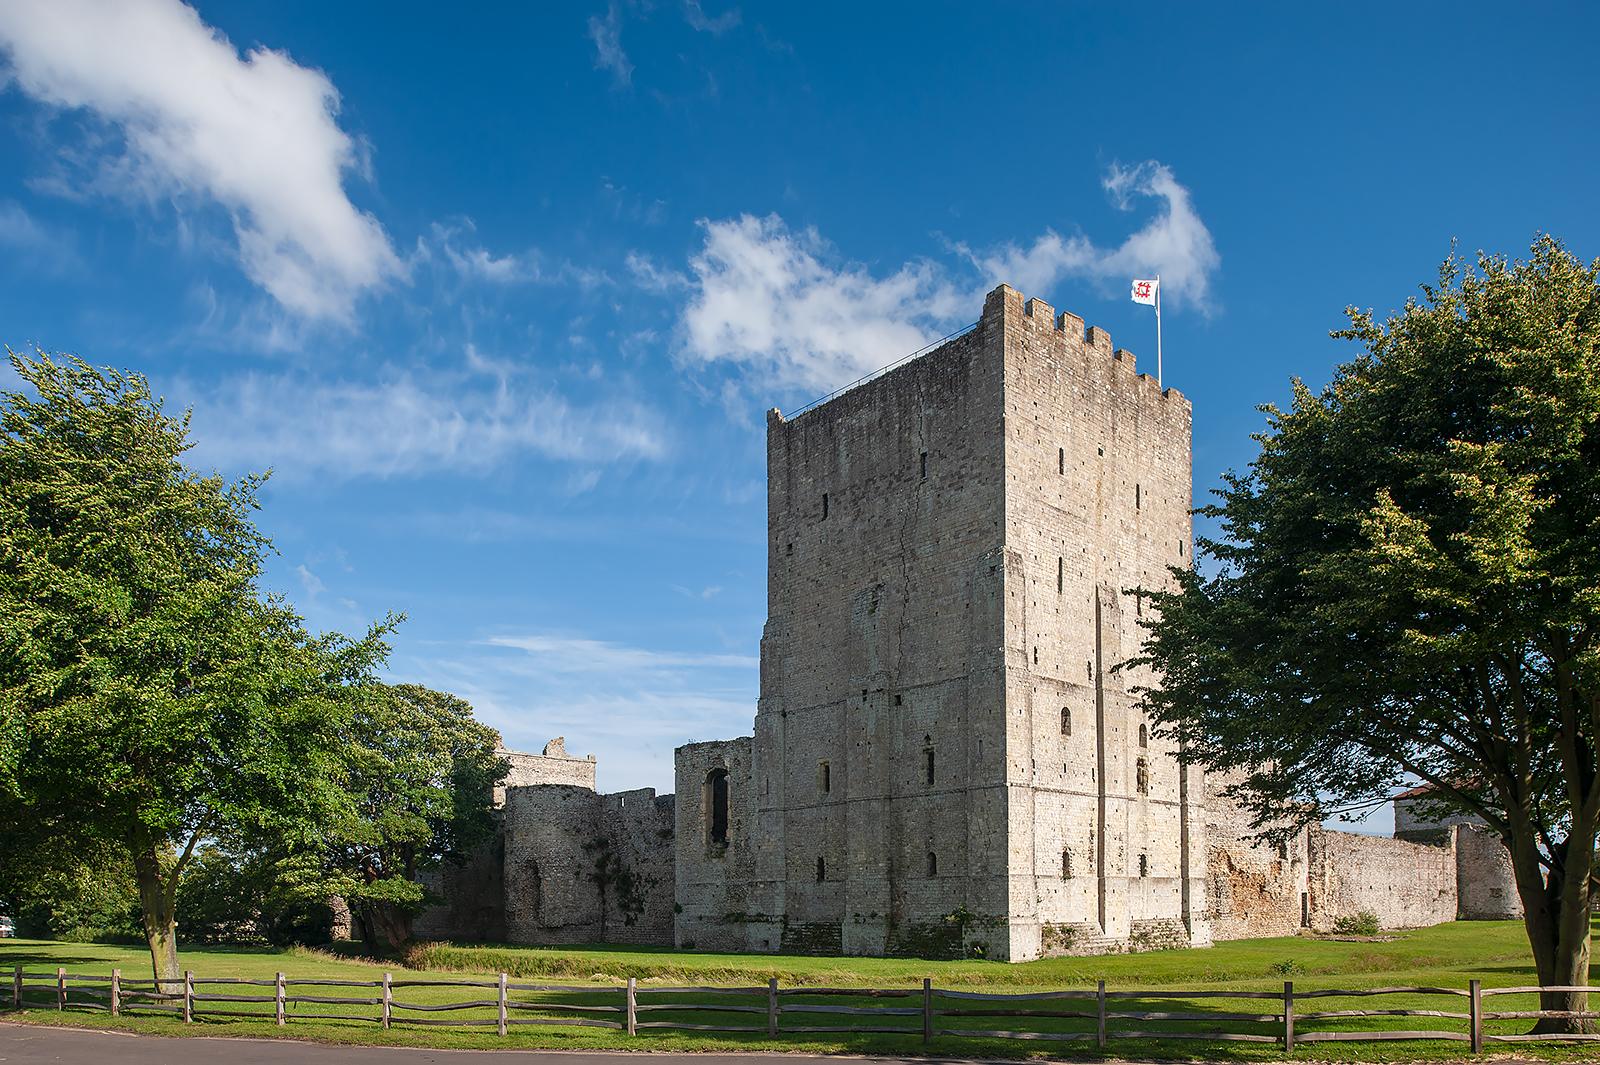 Anglie-Portchester-Portchester_Castle_6.jpg